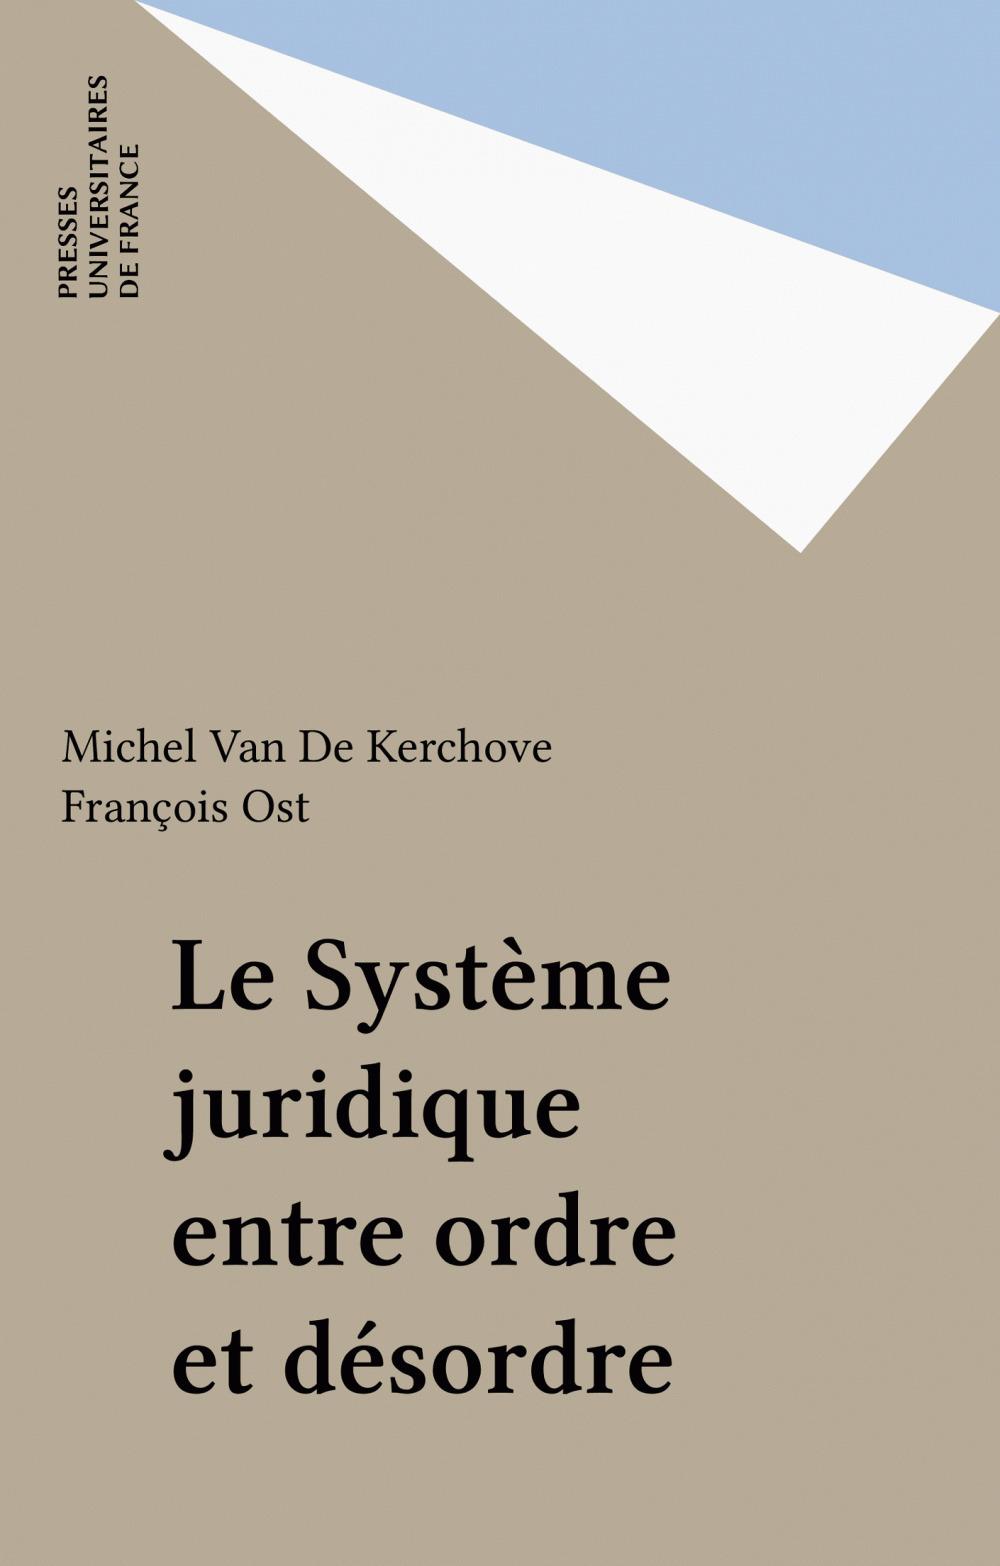 Le Système juridique entre ordre et désordre